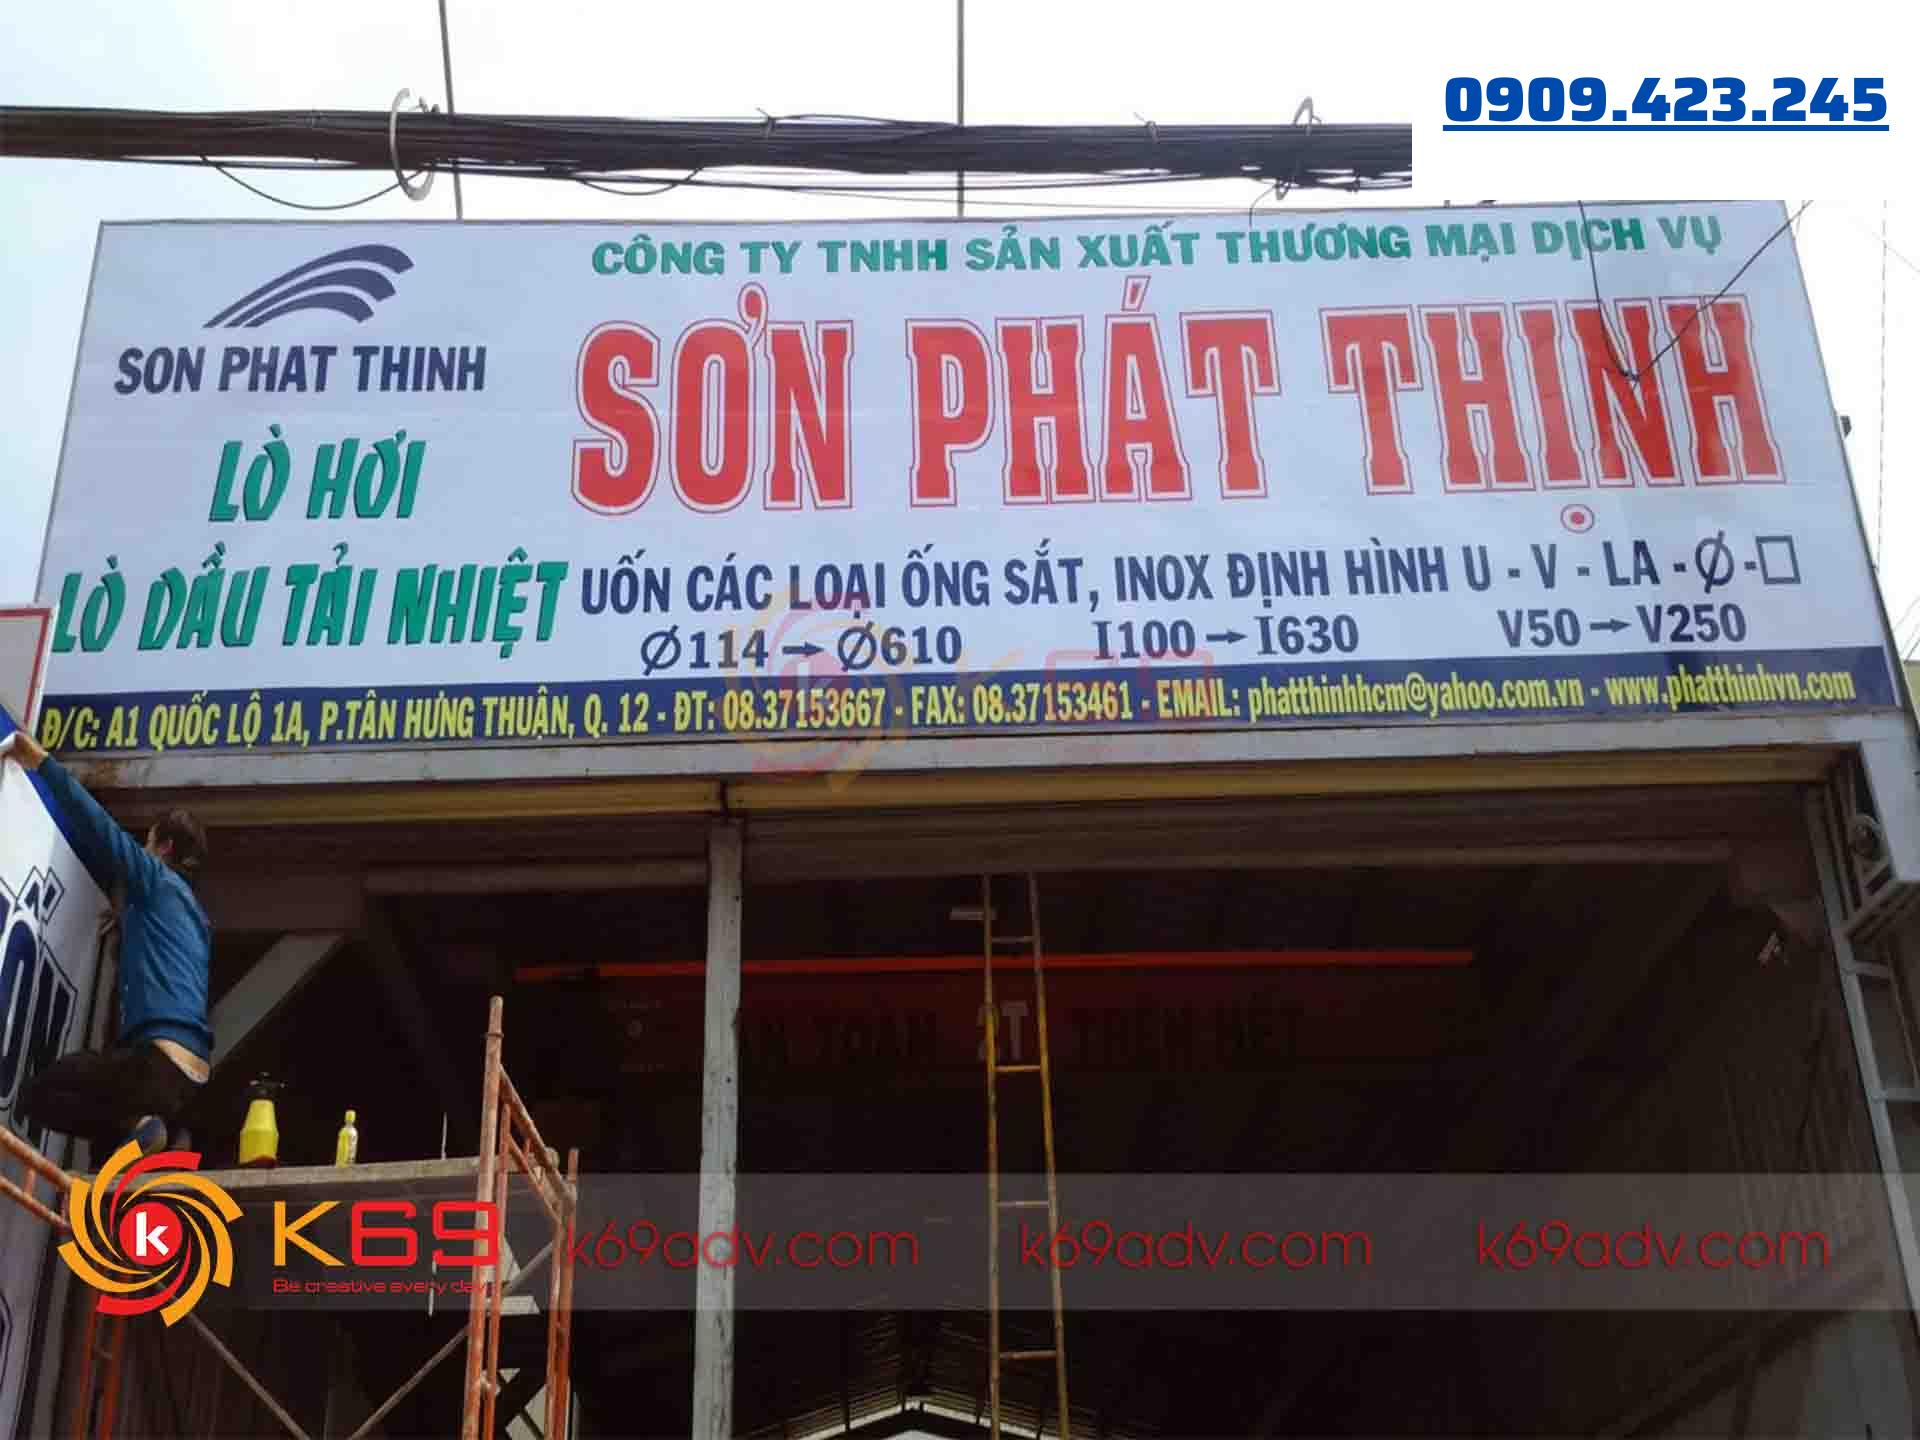 Mẫu bảng hiệu quảng cáo Hiflex quận 12 thi công bởi K69ADV